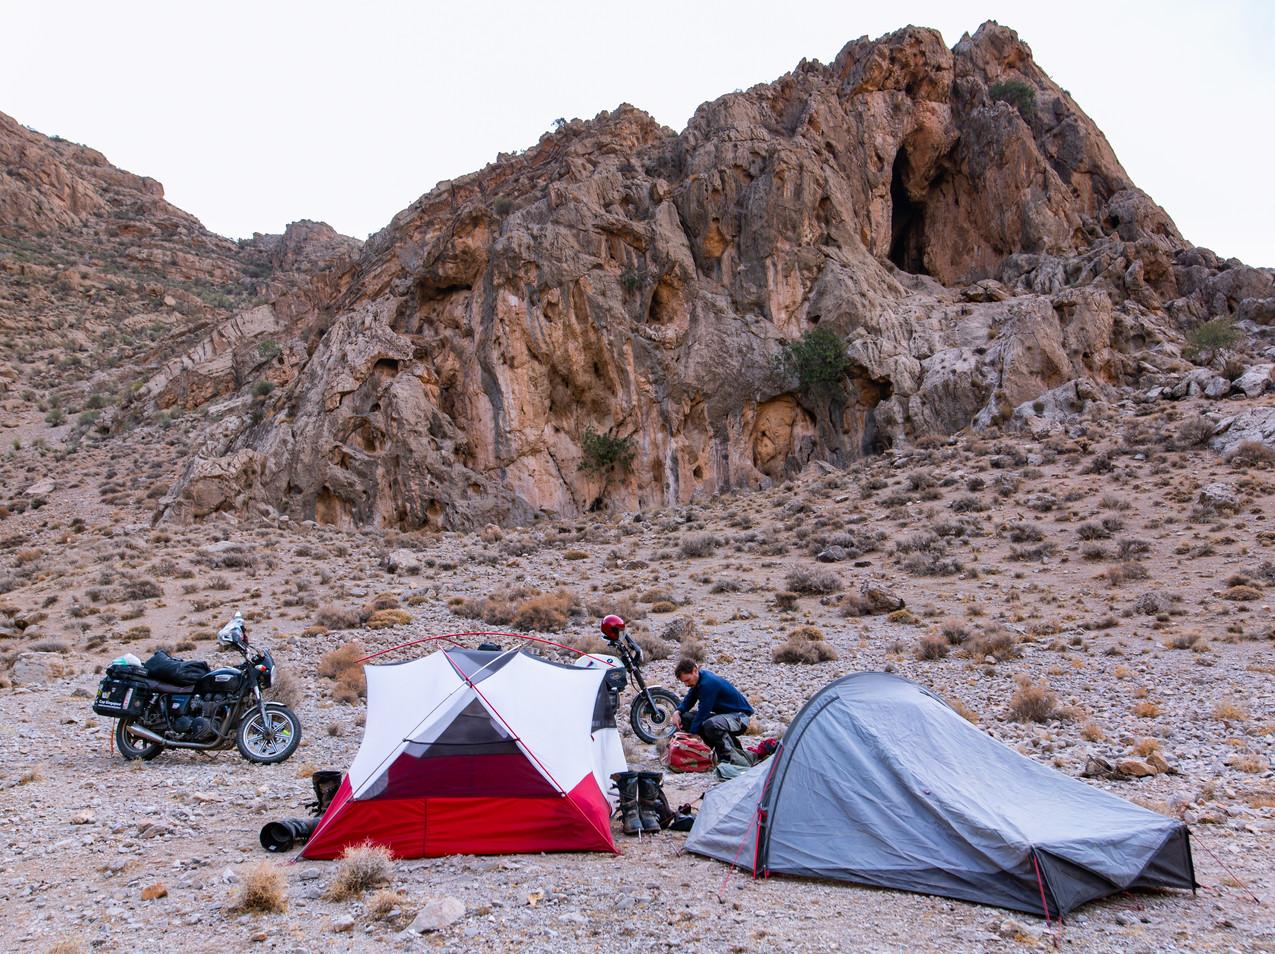 Camping à proximité de Persepolis